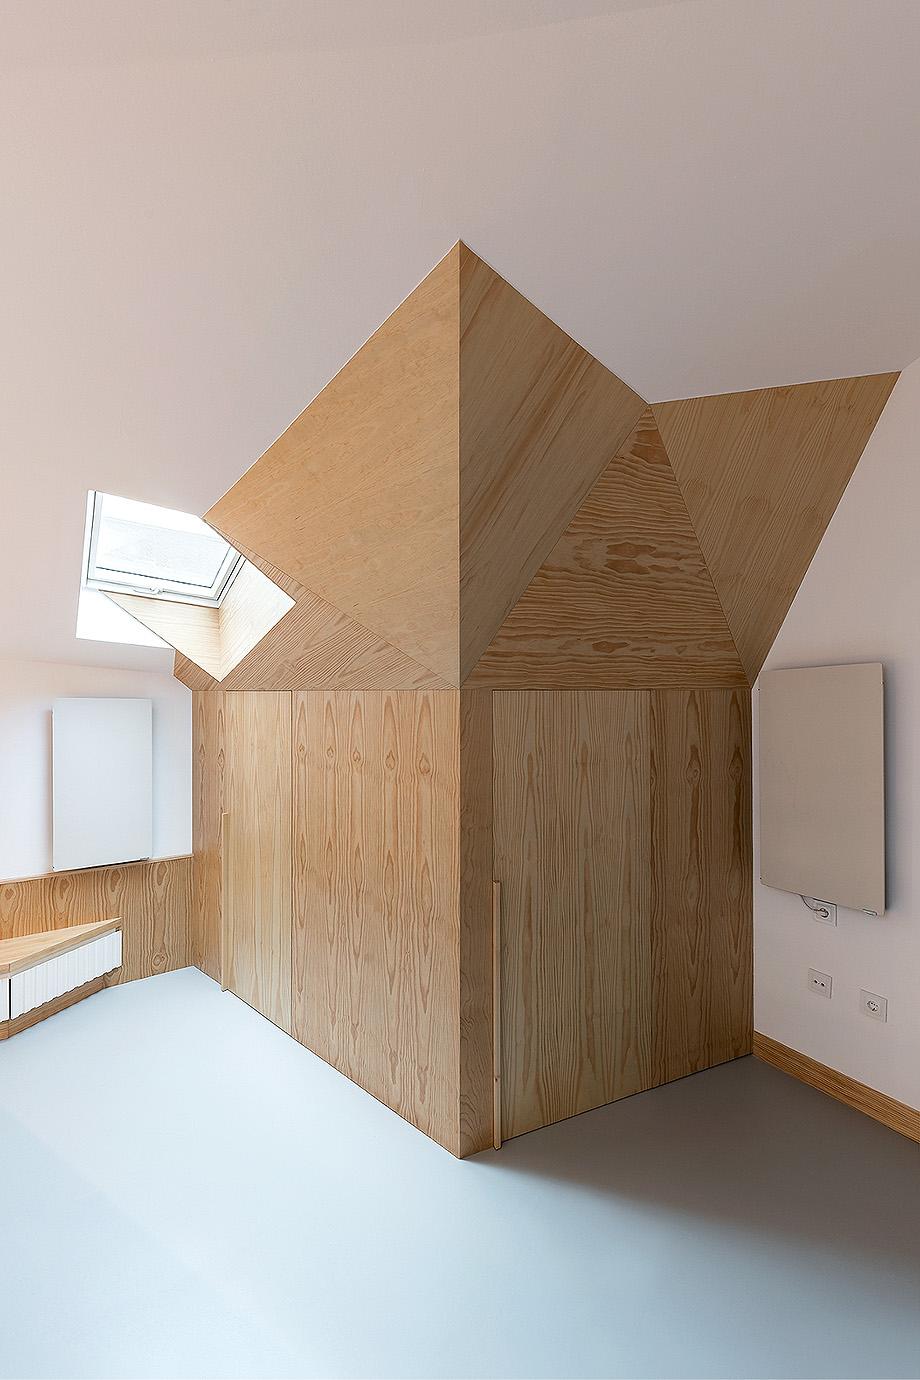 oficinas procuradores peregrina de nan arquitectos (7)